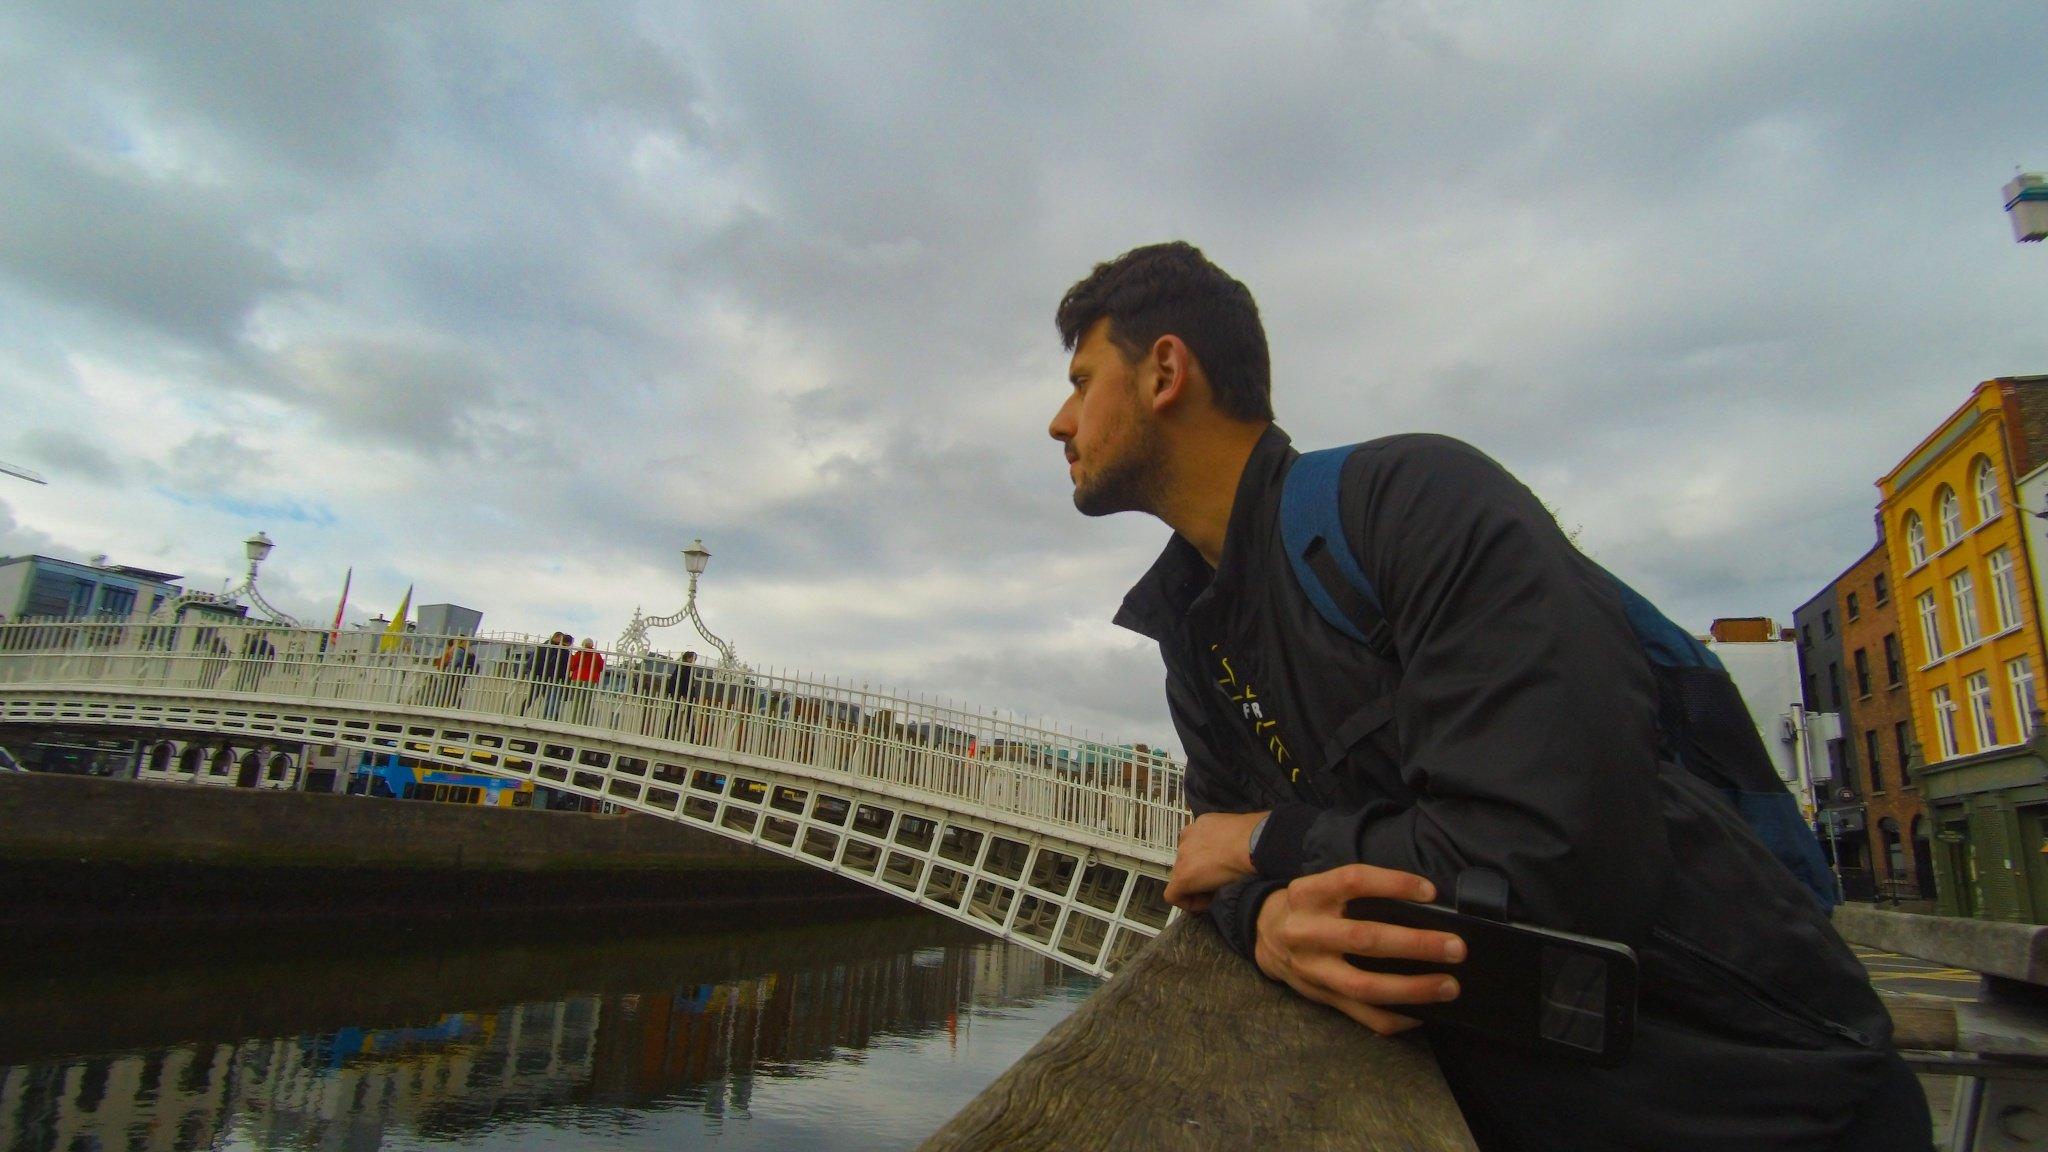 Δουβλίνο: Ταξιδιώτης μόνος στην καρδιά της Ιρλανδίας